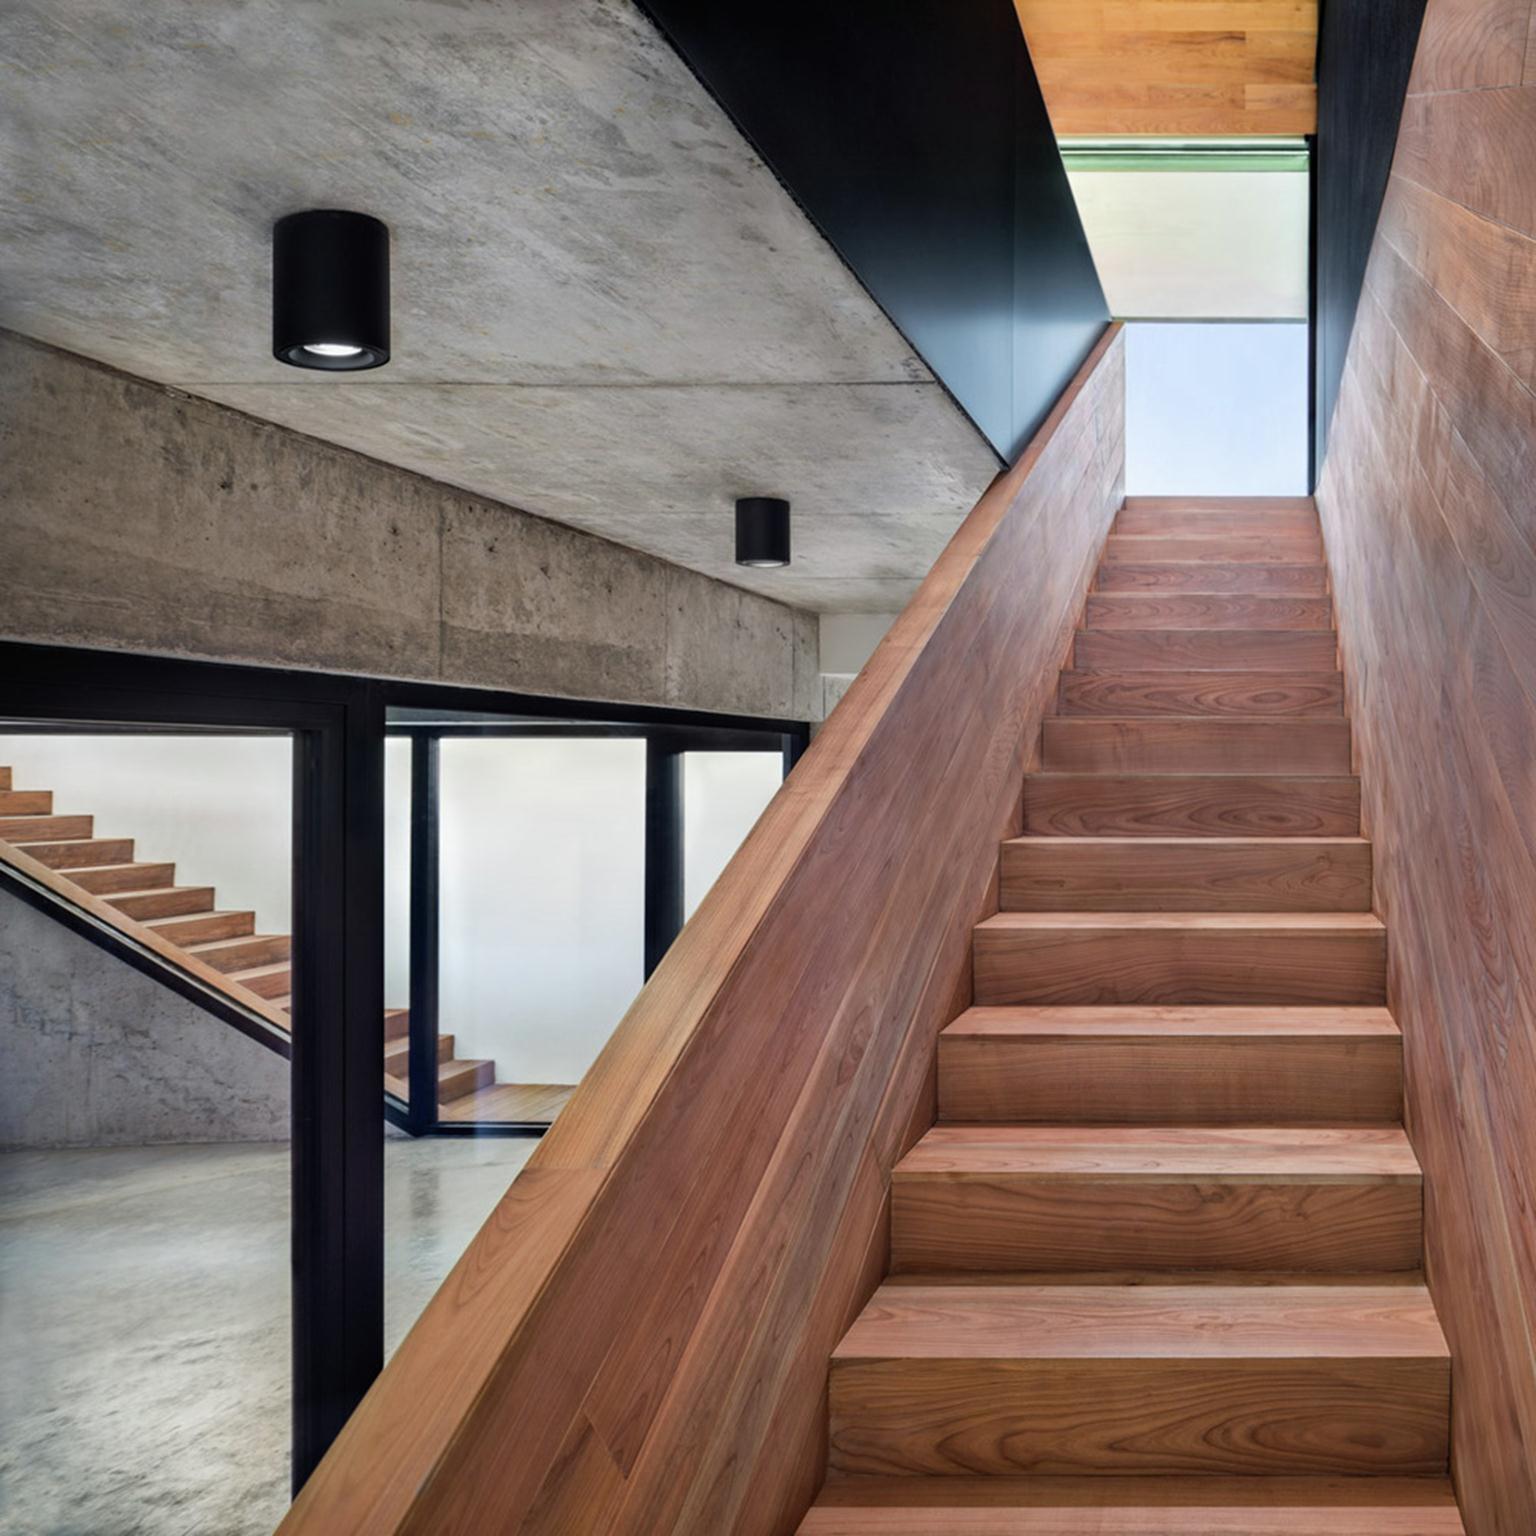 Cầu thang gỗ là điểm nhấn đặc biệt cho ngôi nhà.